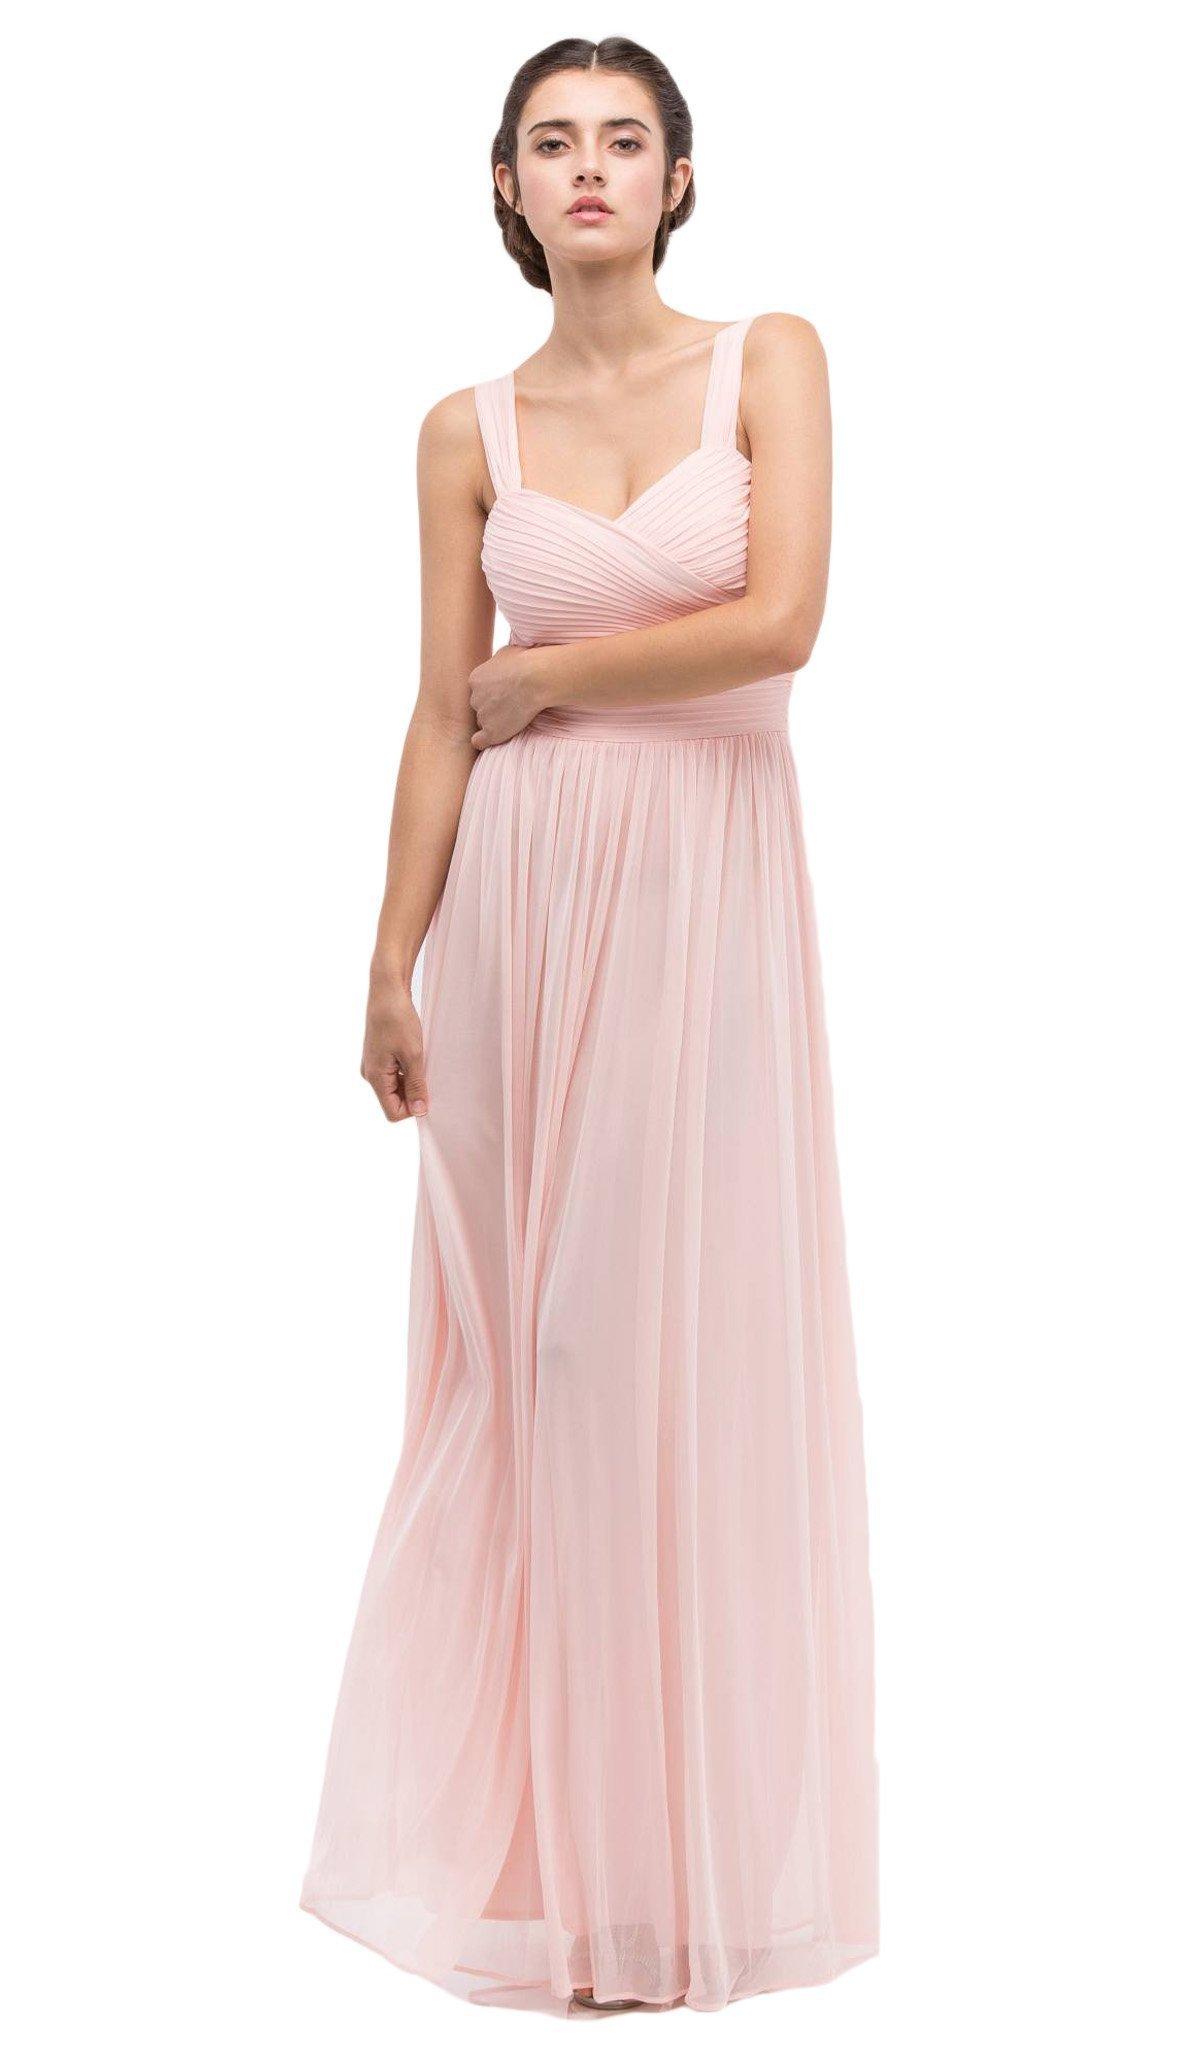 Eureka Fashion - 5101 Illusion Cutout Ruched Jersey Dress